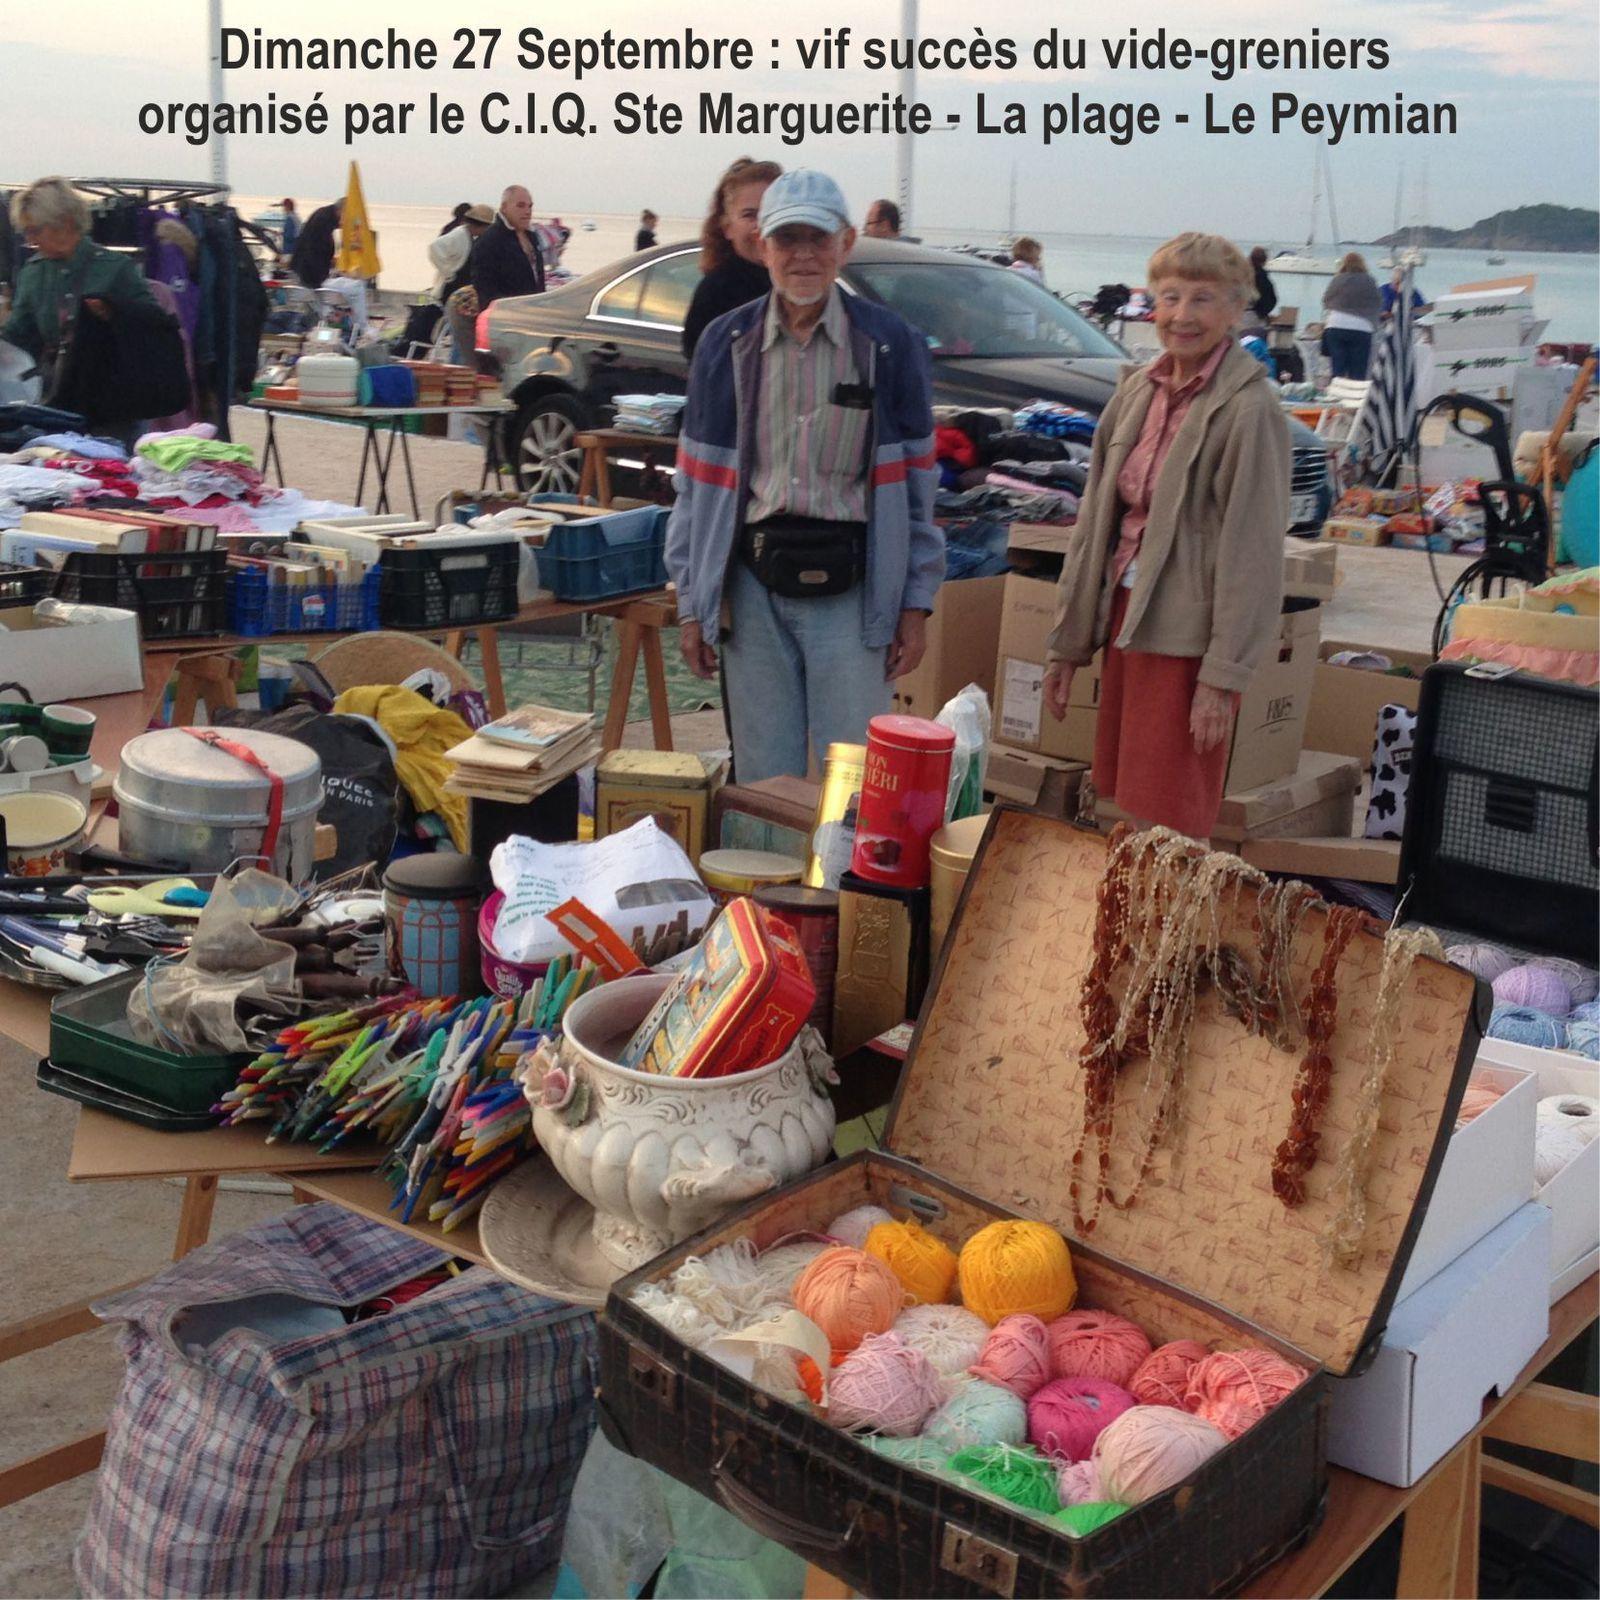 1 OCTOBRE 2015 - INFOS DU CIQ